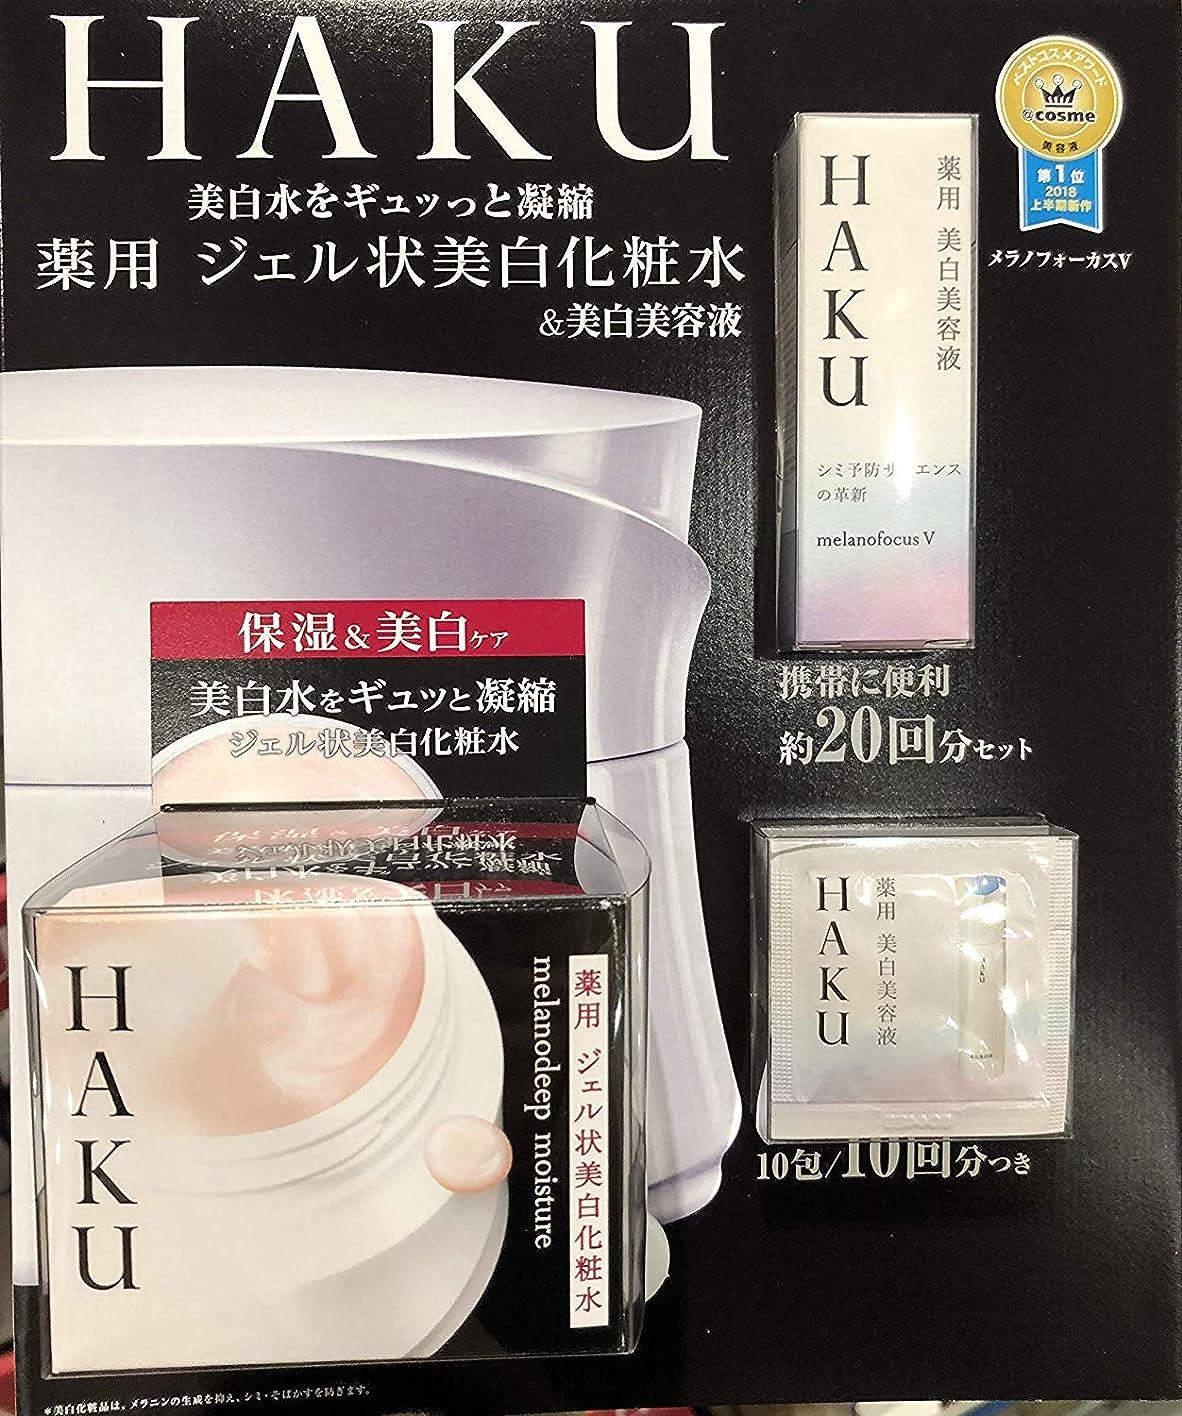 戦い契約スポーツ資生堂 HAKU 美白セット 薬用 ジェル状美白化粧水&薬用美白乳液セット